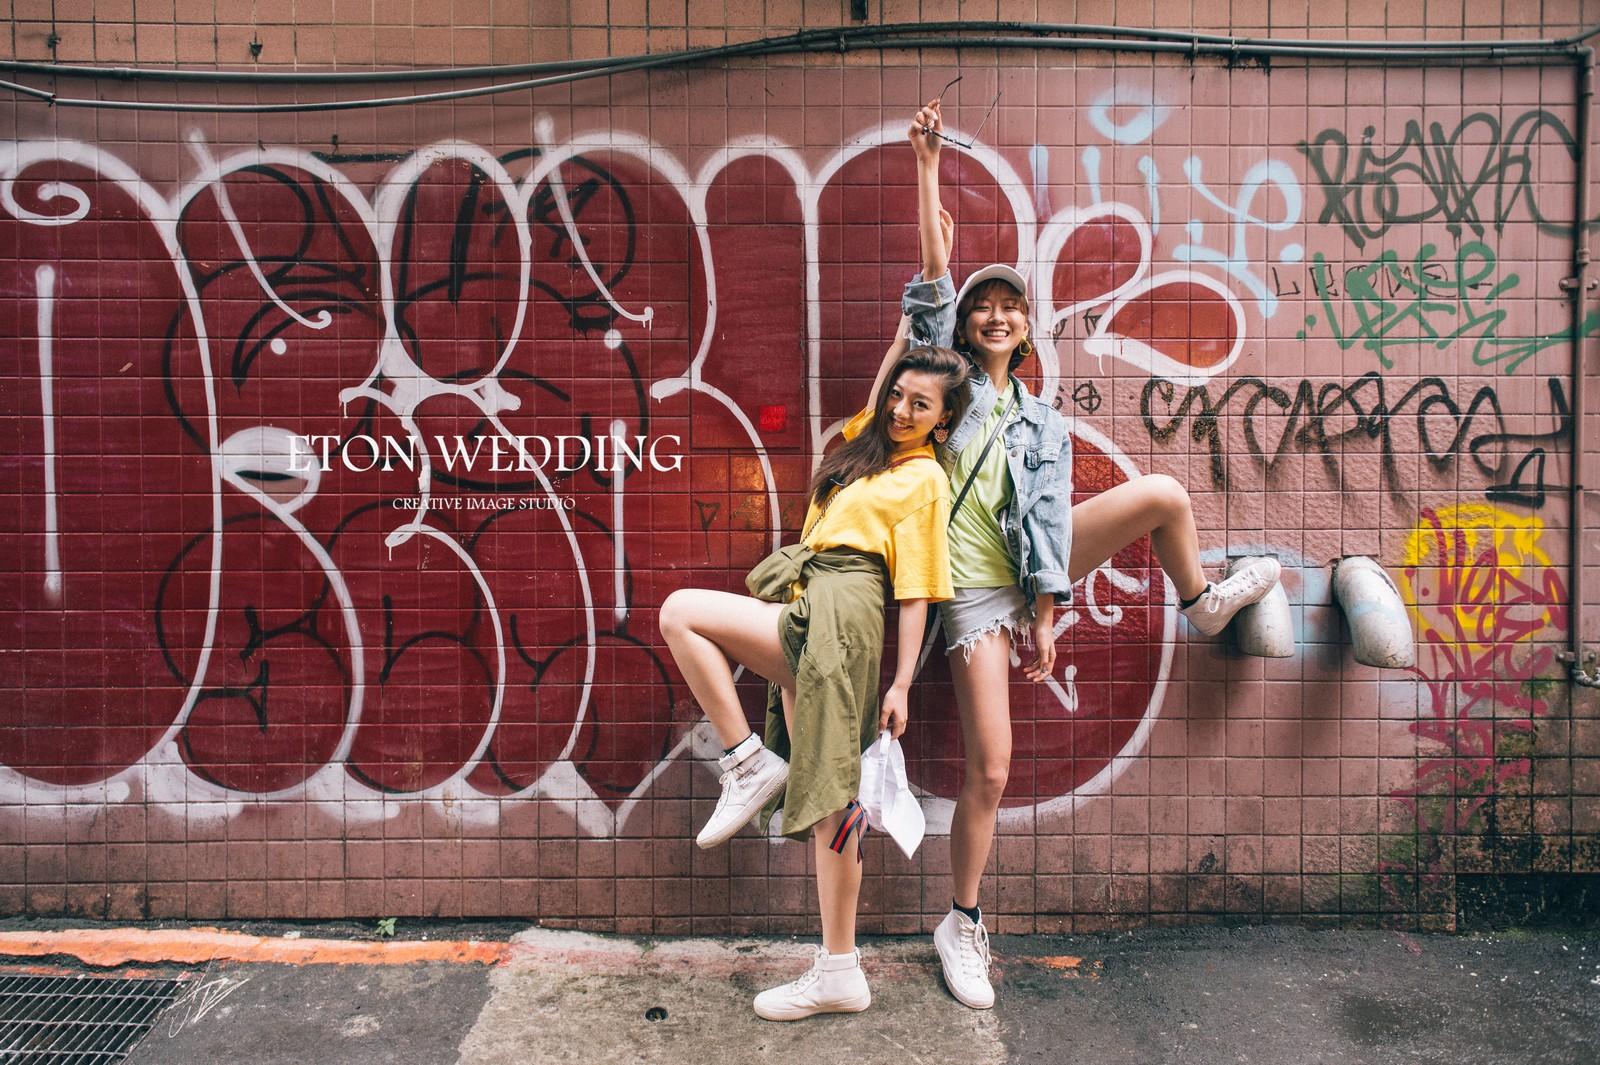 閨蜜寫真,閨蜜照,姐妹攝影,姐妹寫真,自助婚紗,bb27